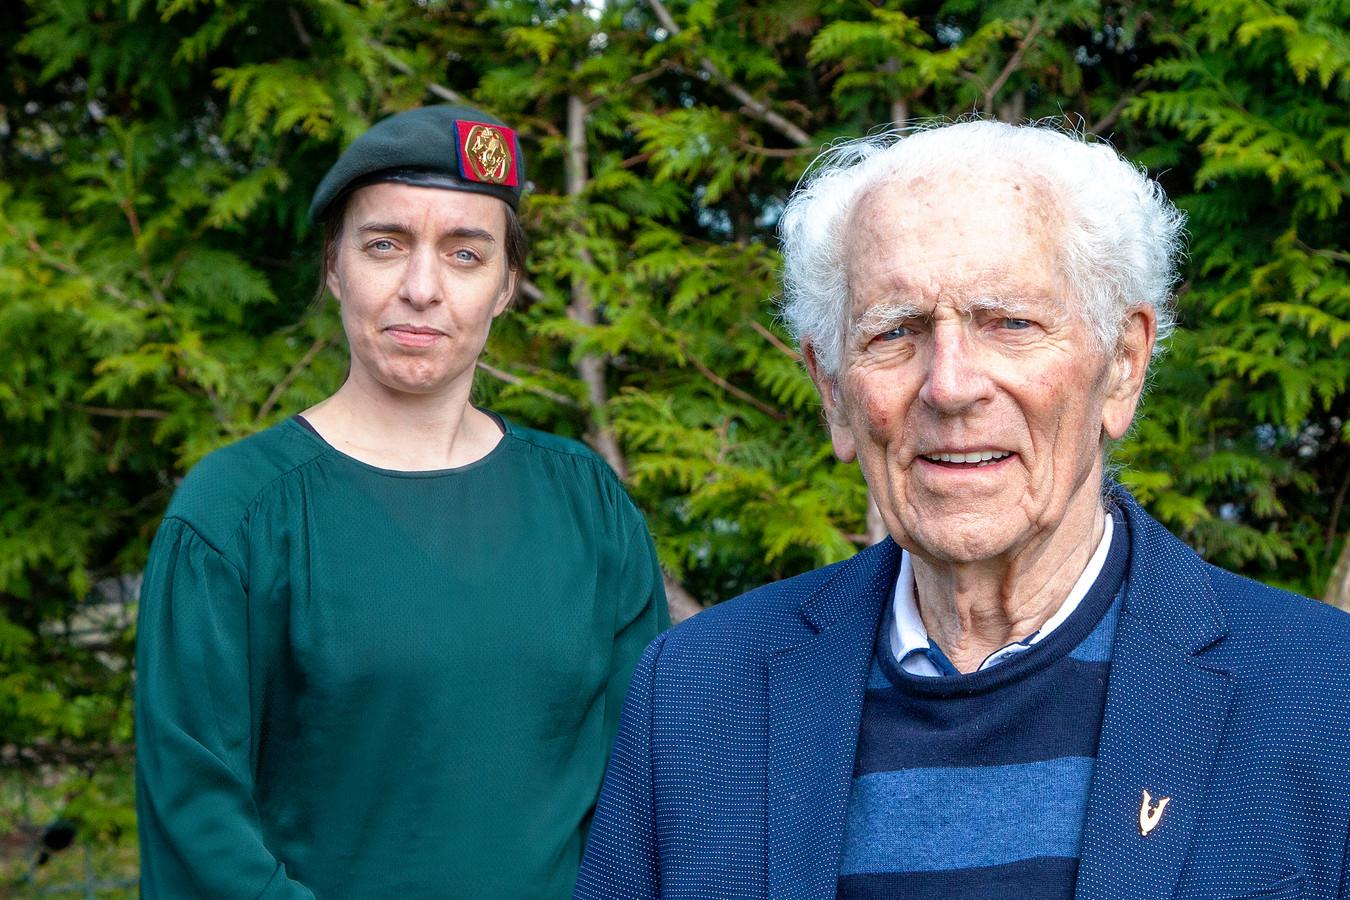 Veteranen Belinda Smeenk en Paul Lieshout vertellen hun ervaringen in het boek 'Verhalen van veteranen uit de Lopikerwaard'.